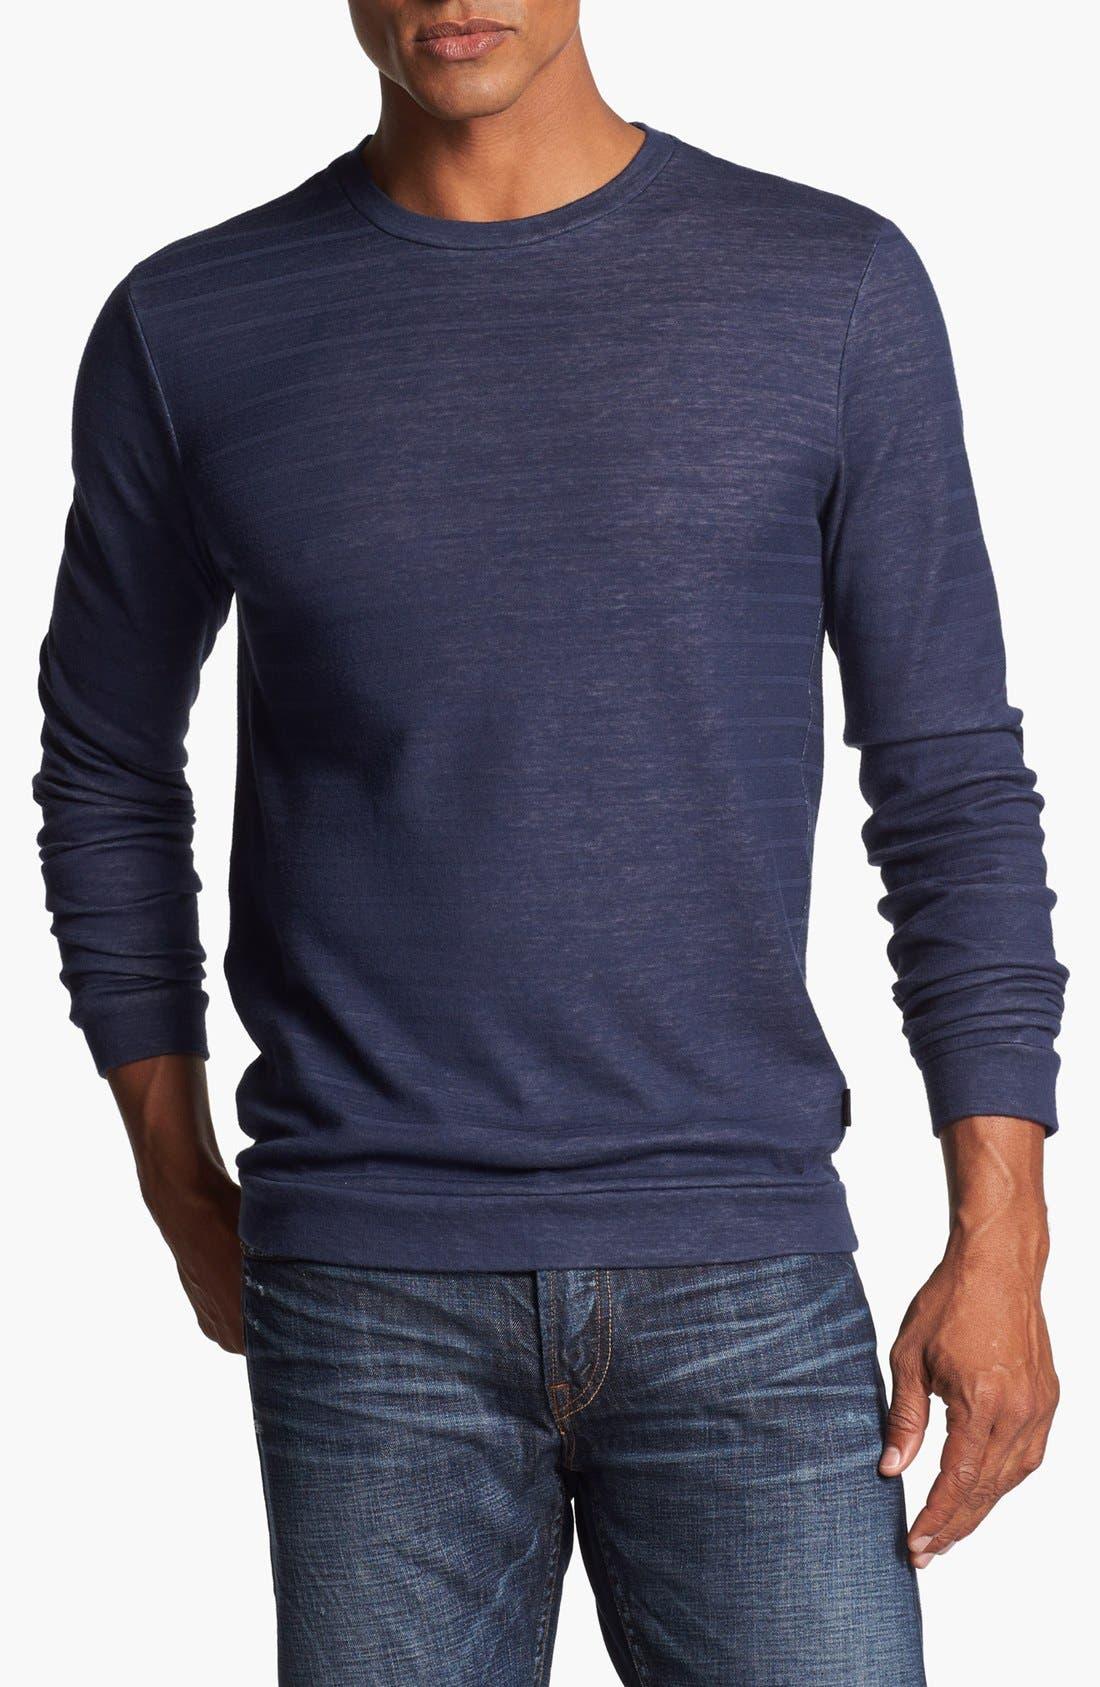 Main Image - BOSS Black 'Abruzzi' Sweater